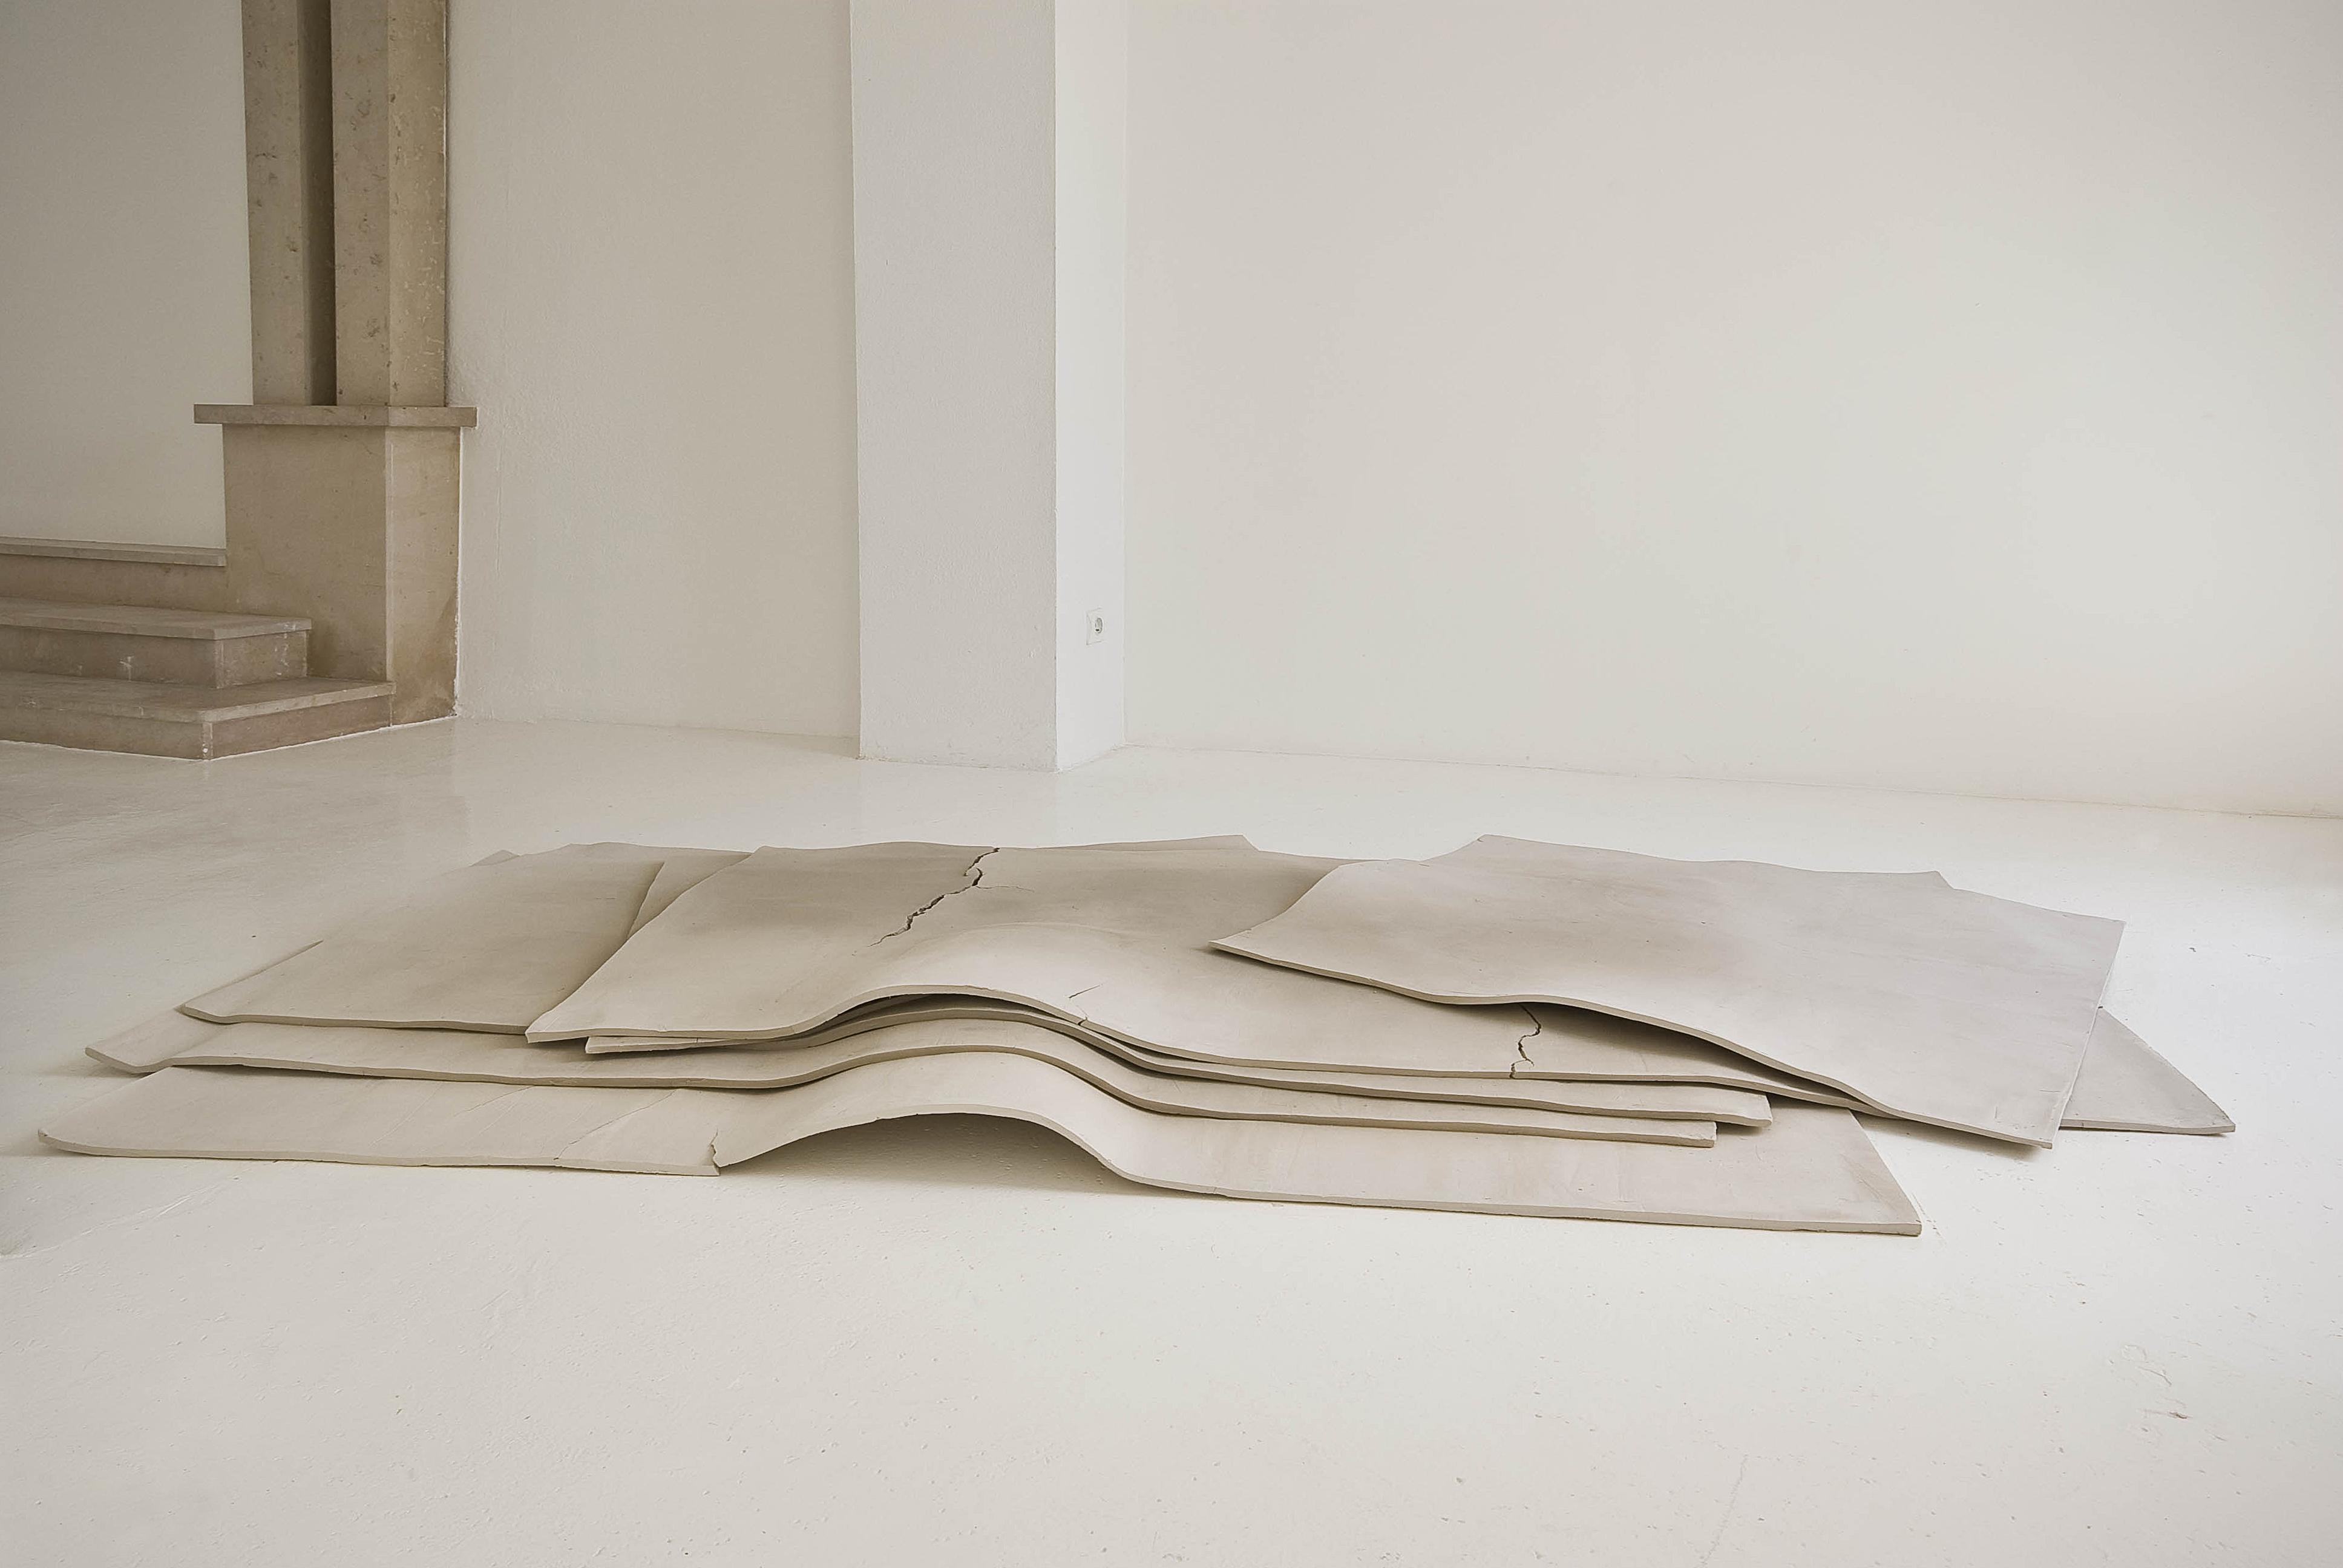 Sechs Flächen und ein Raum, 2008. Argile. 280 x 160 cm Courtesy Galerie Jocelyn Wolff et Katinka Bock. Photo Olivier Dancy